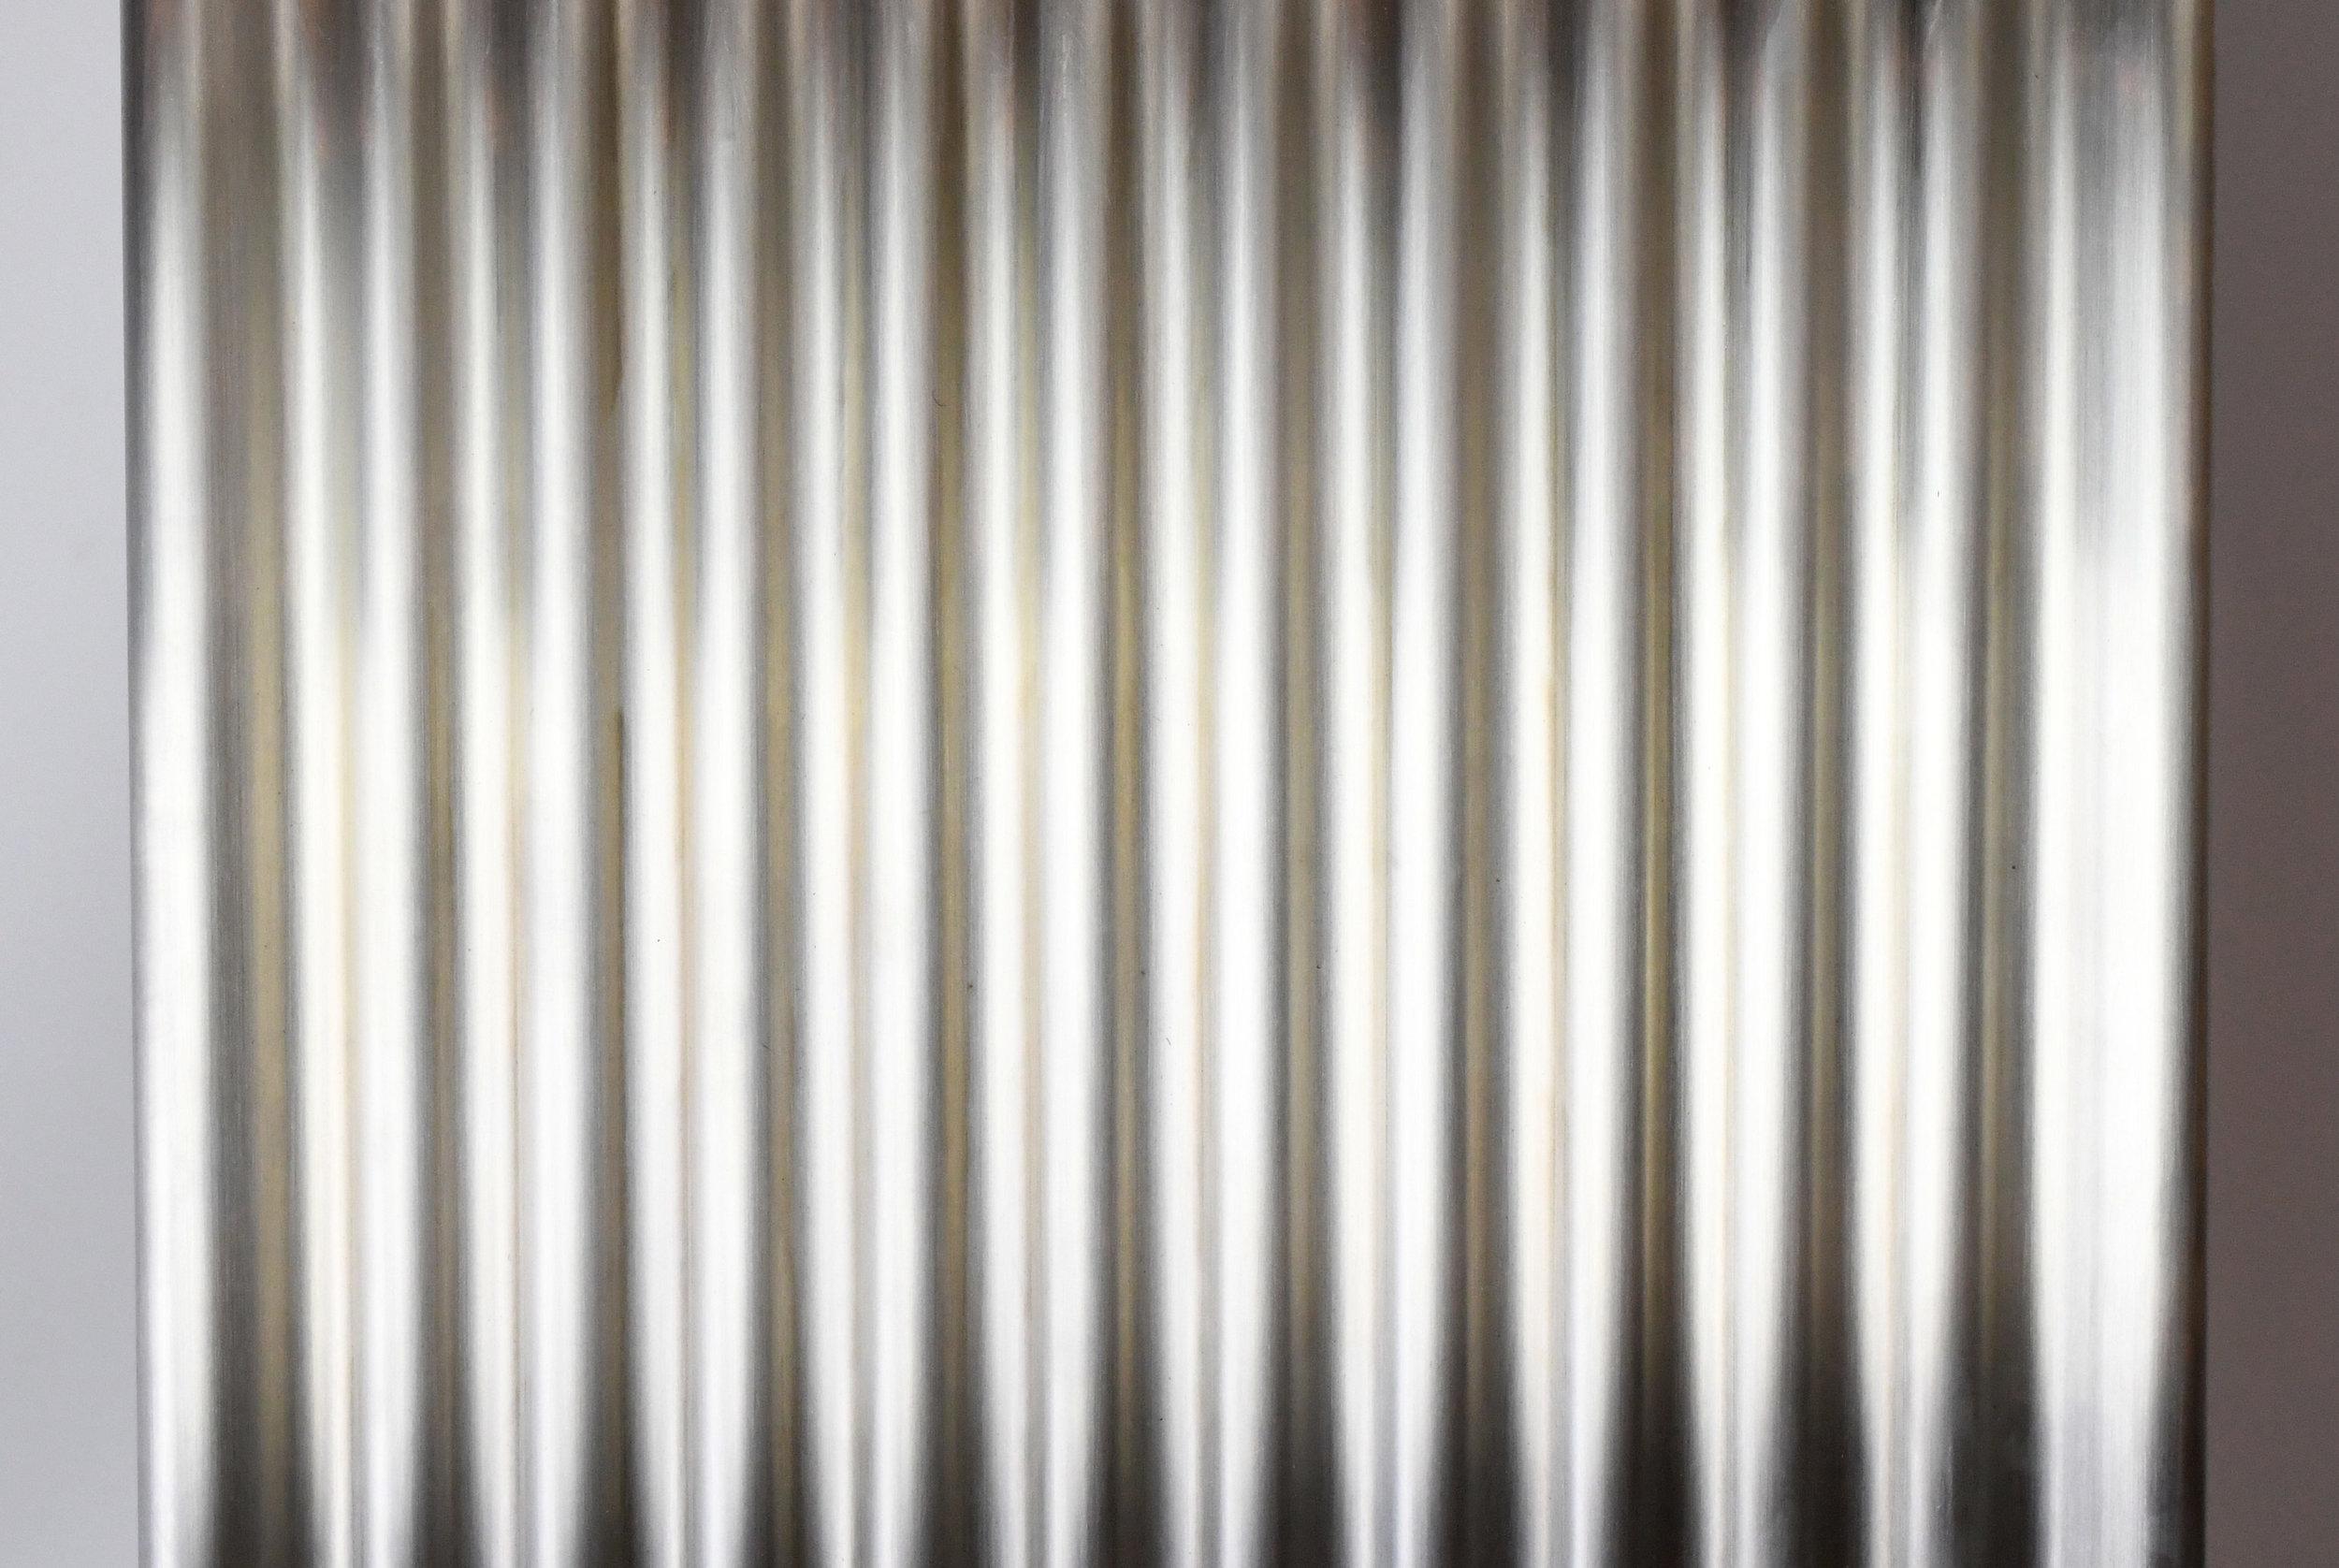 47579 modern sculptural wall fixture texture.jpg